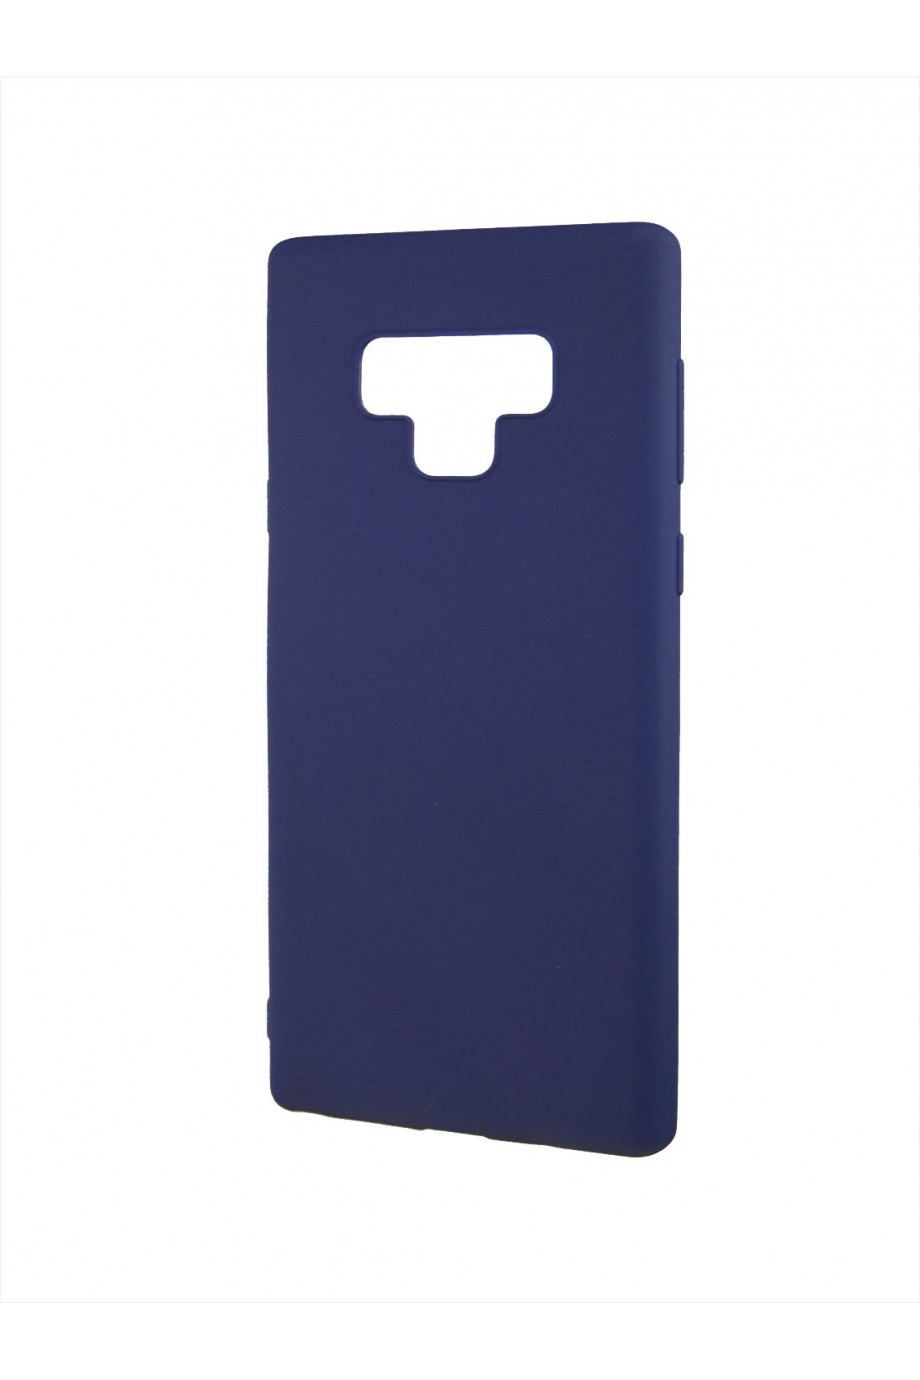 Чехол силиконовый для Samsung Galaxy Note 9, синий